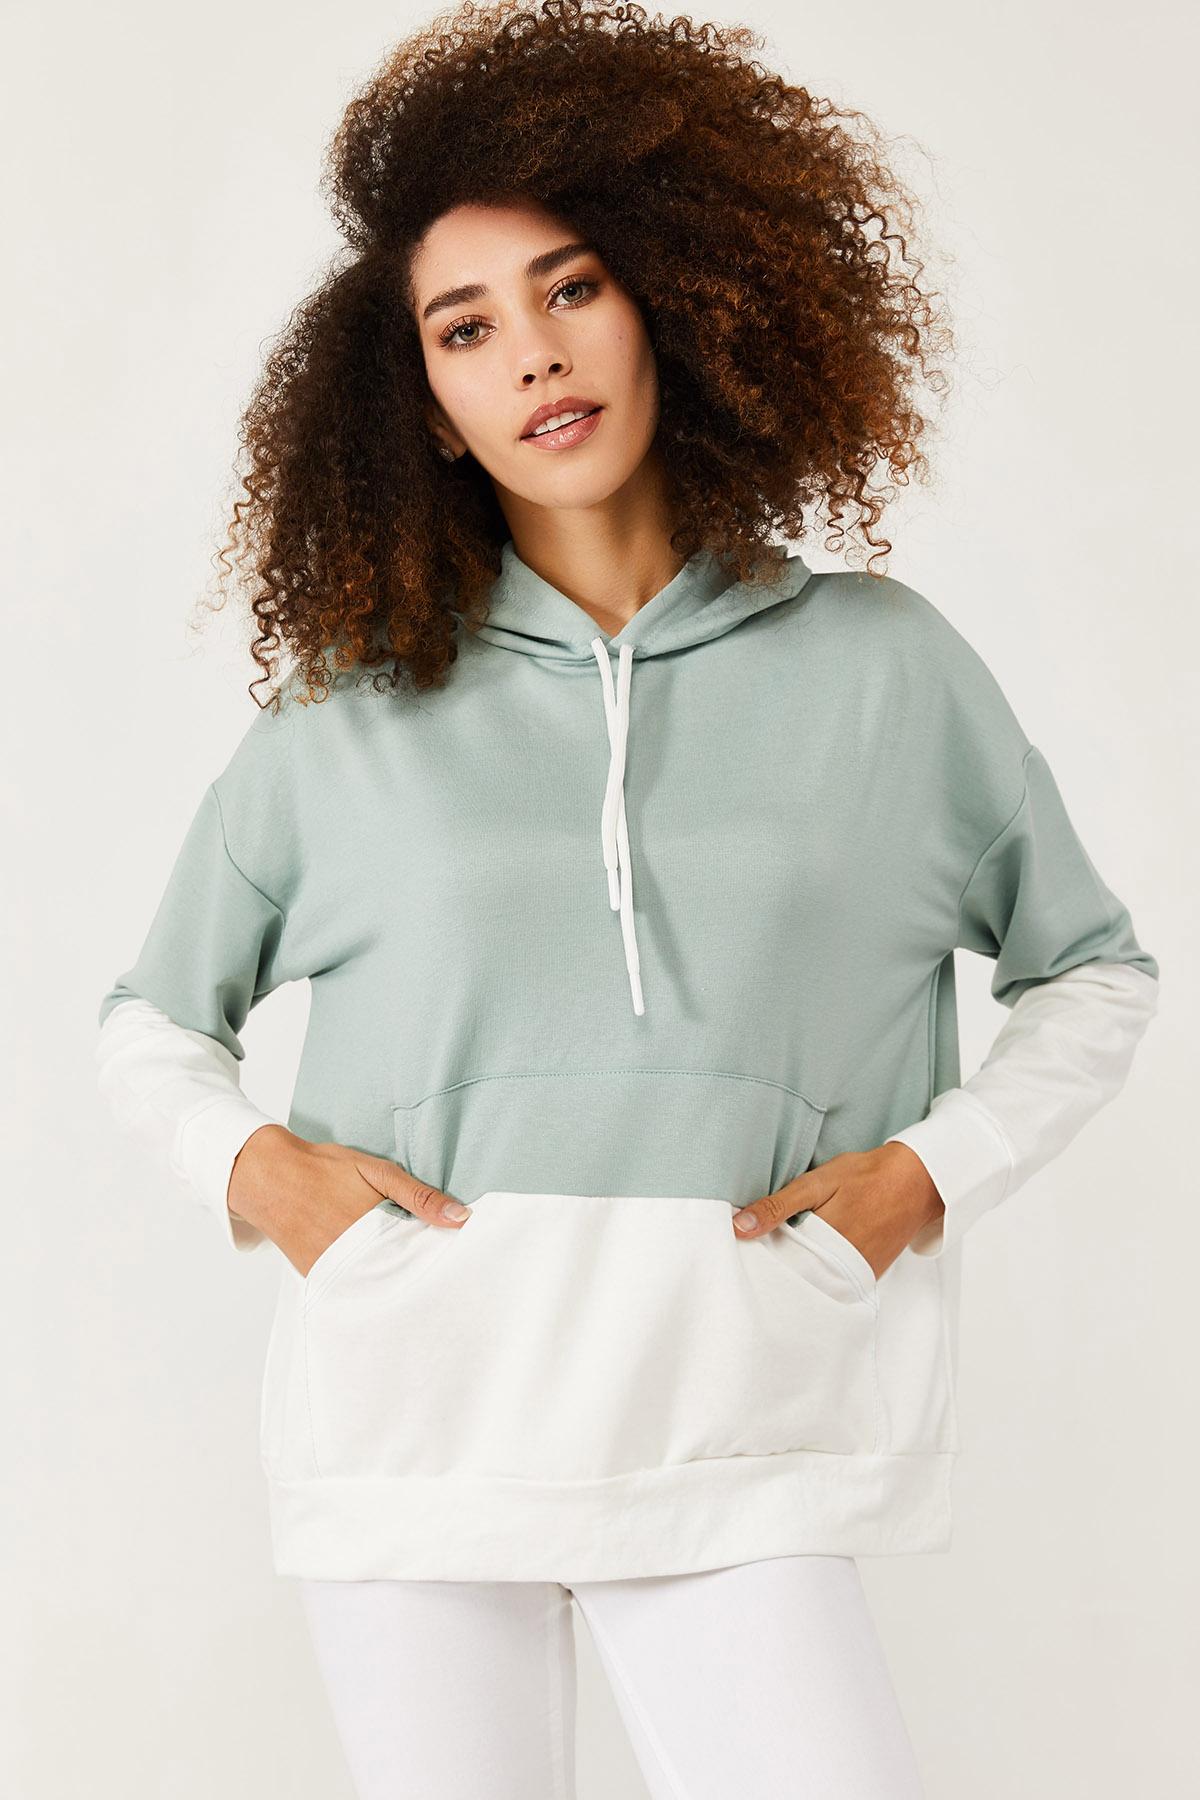 XHAN - Mint Parçalı Sweatshirt 1KXK8-44575-58